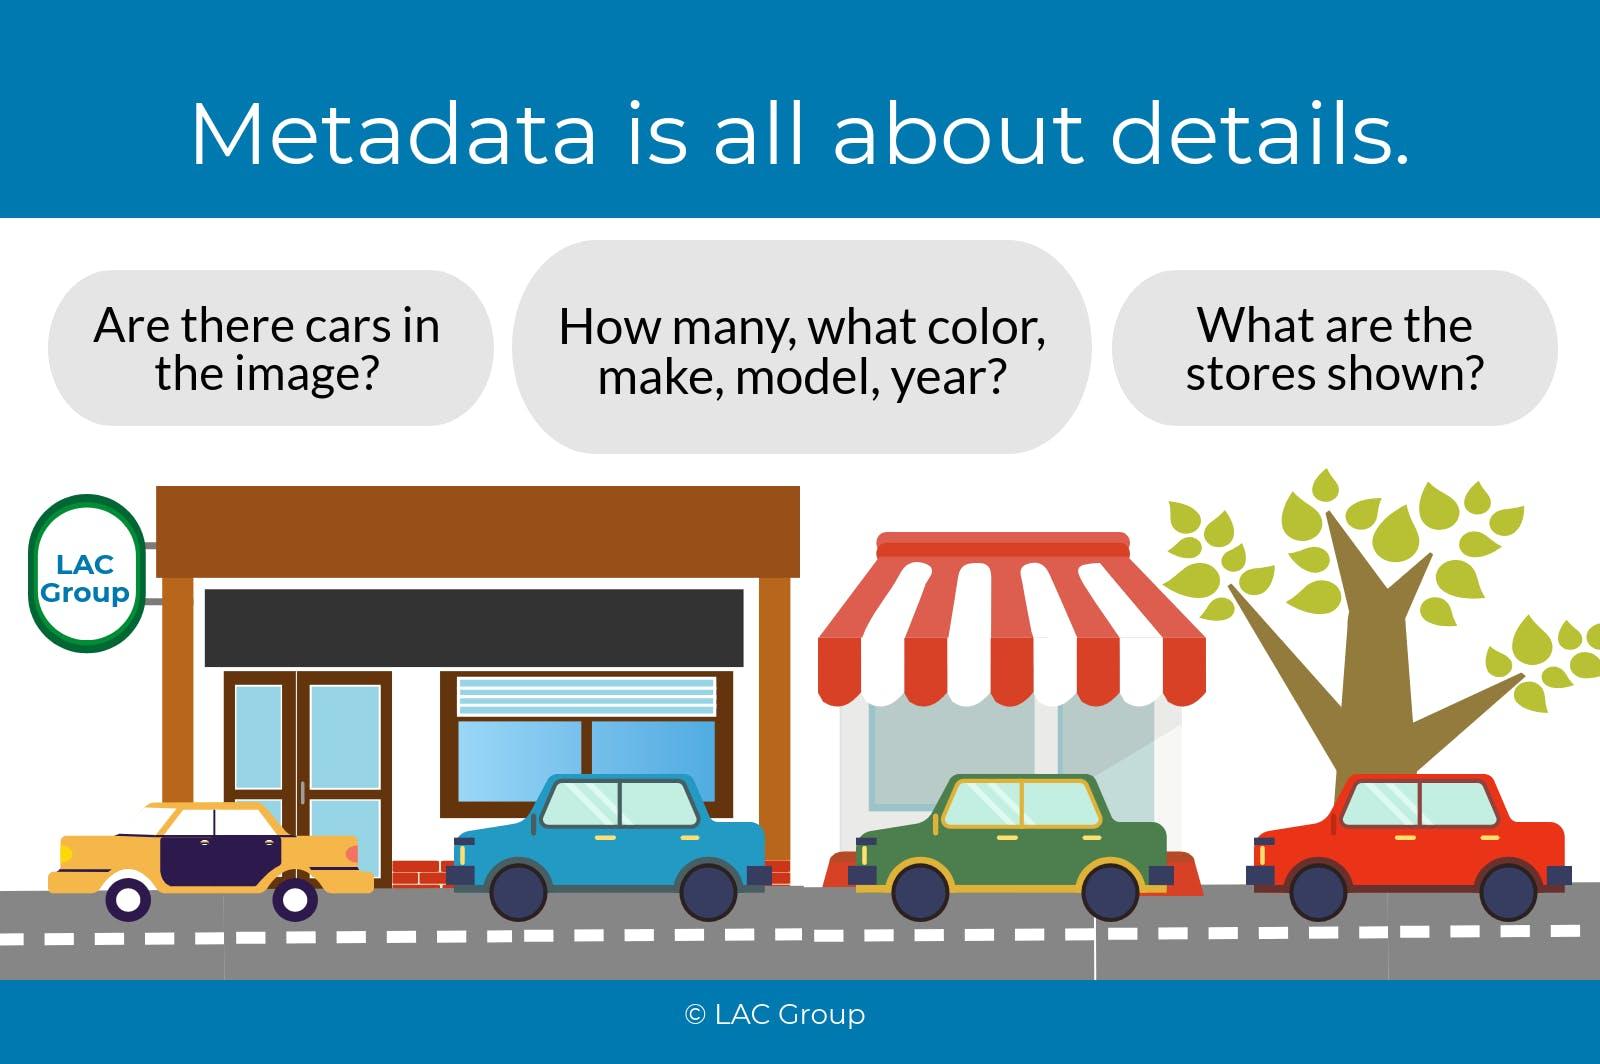 Metadata details